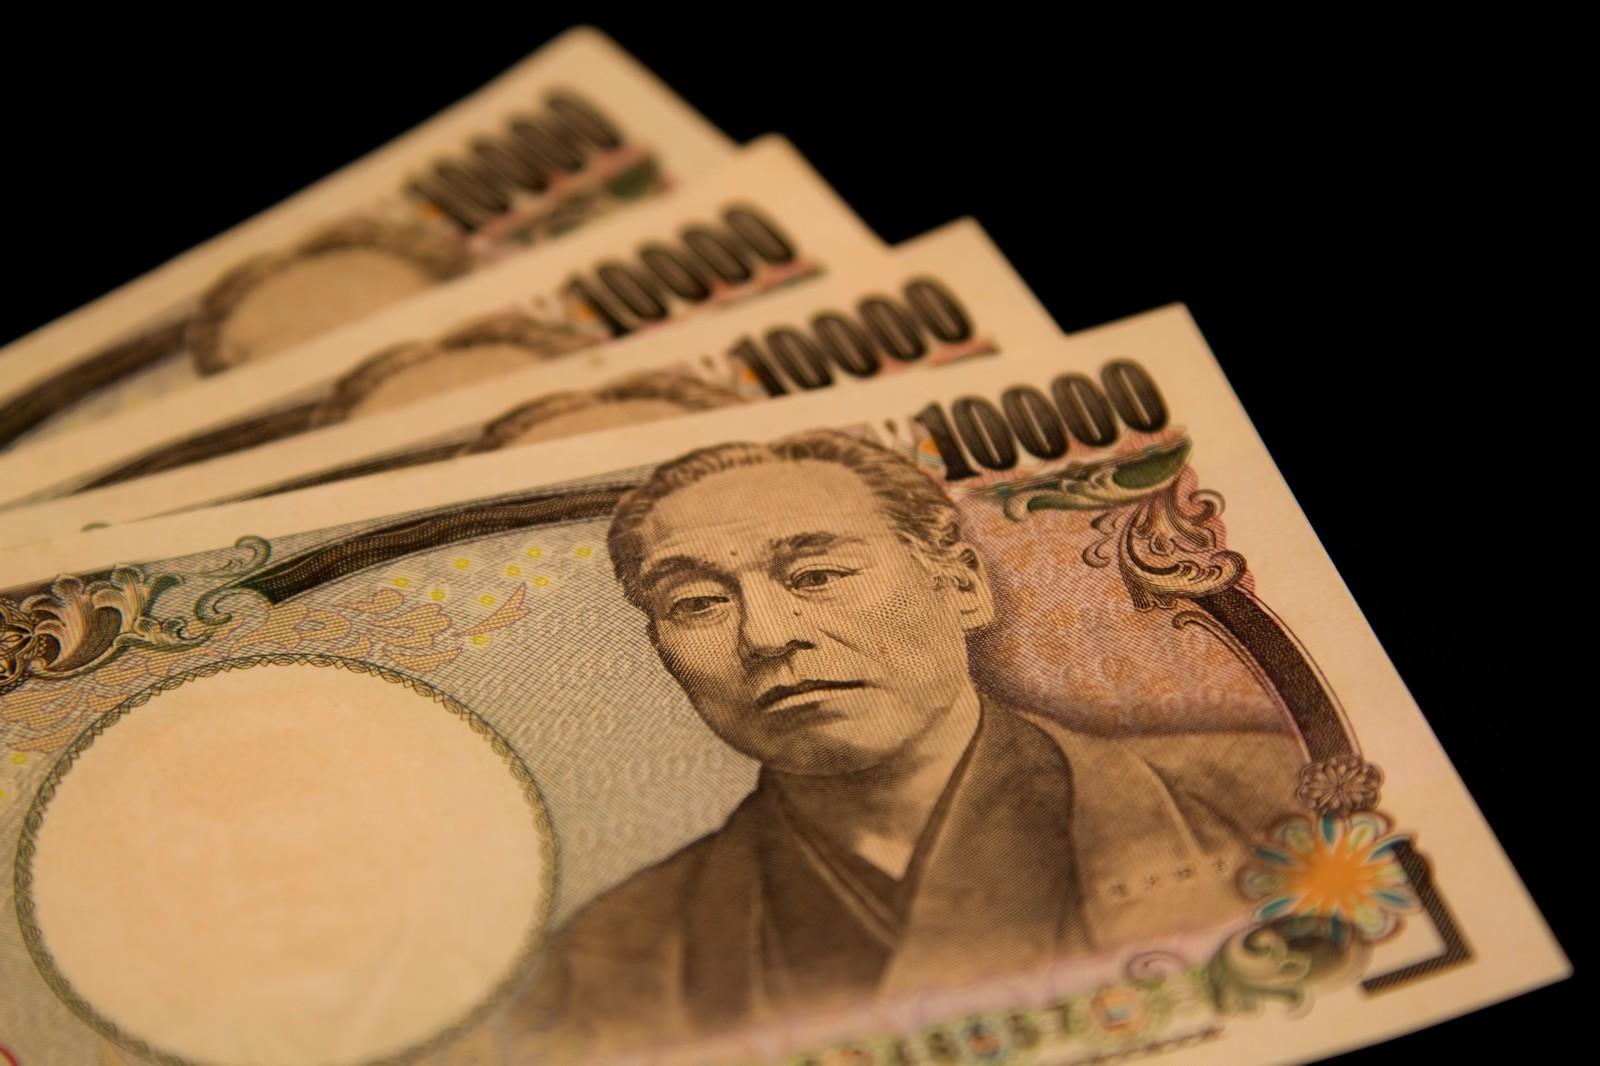 円 いくら ドル ジンバブエ